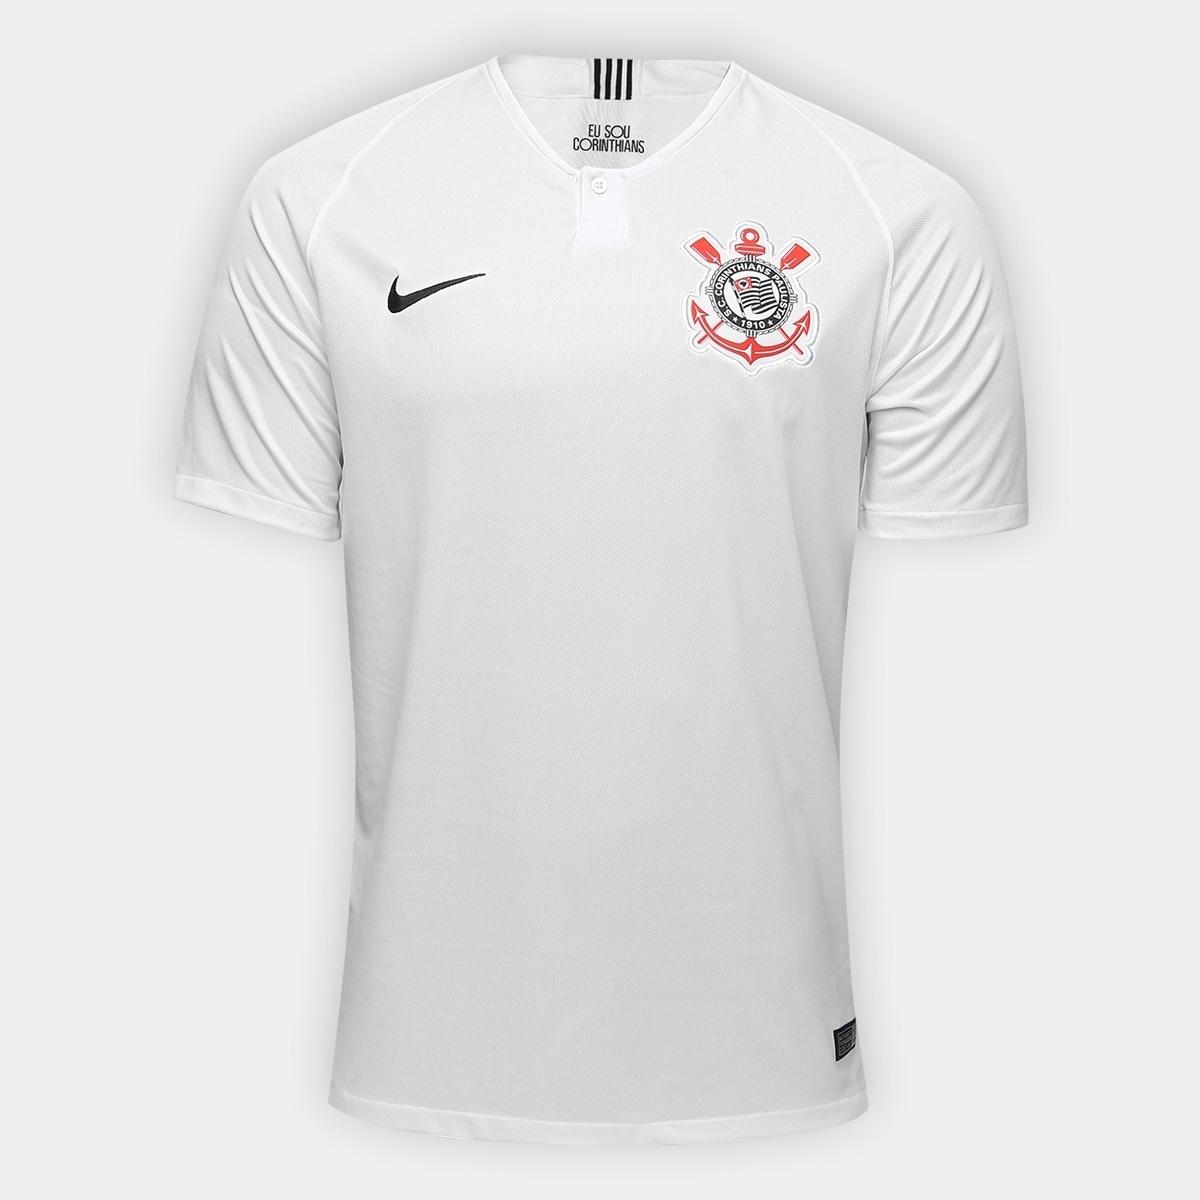 Corinthians encaminha acerto com banco para patrocínio máster - Esporte -  BOL 9e1fa00dfd915